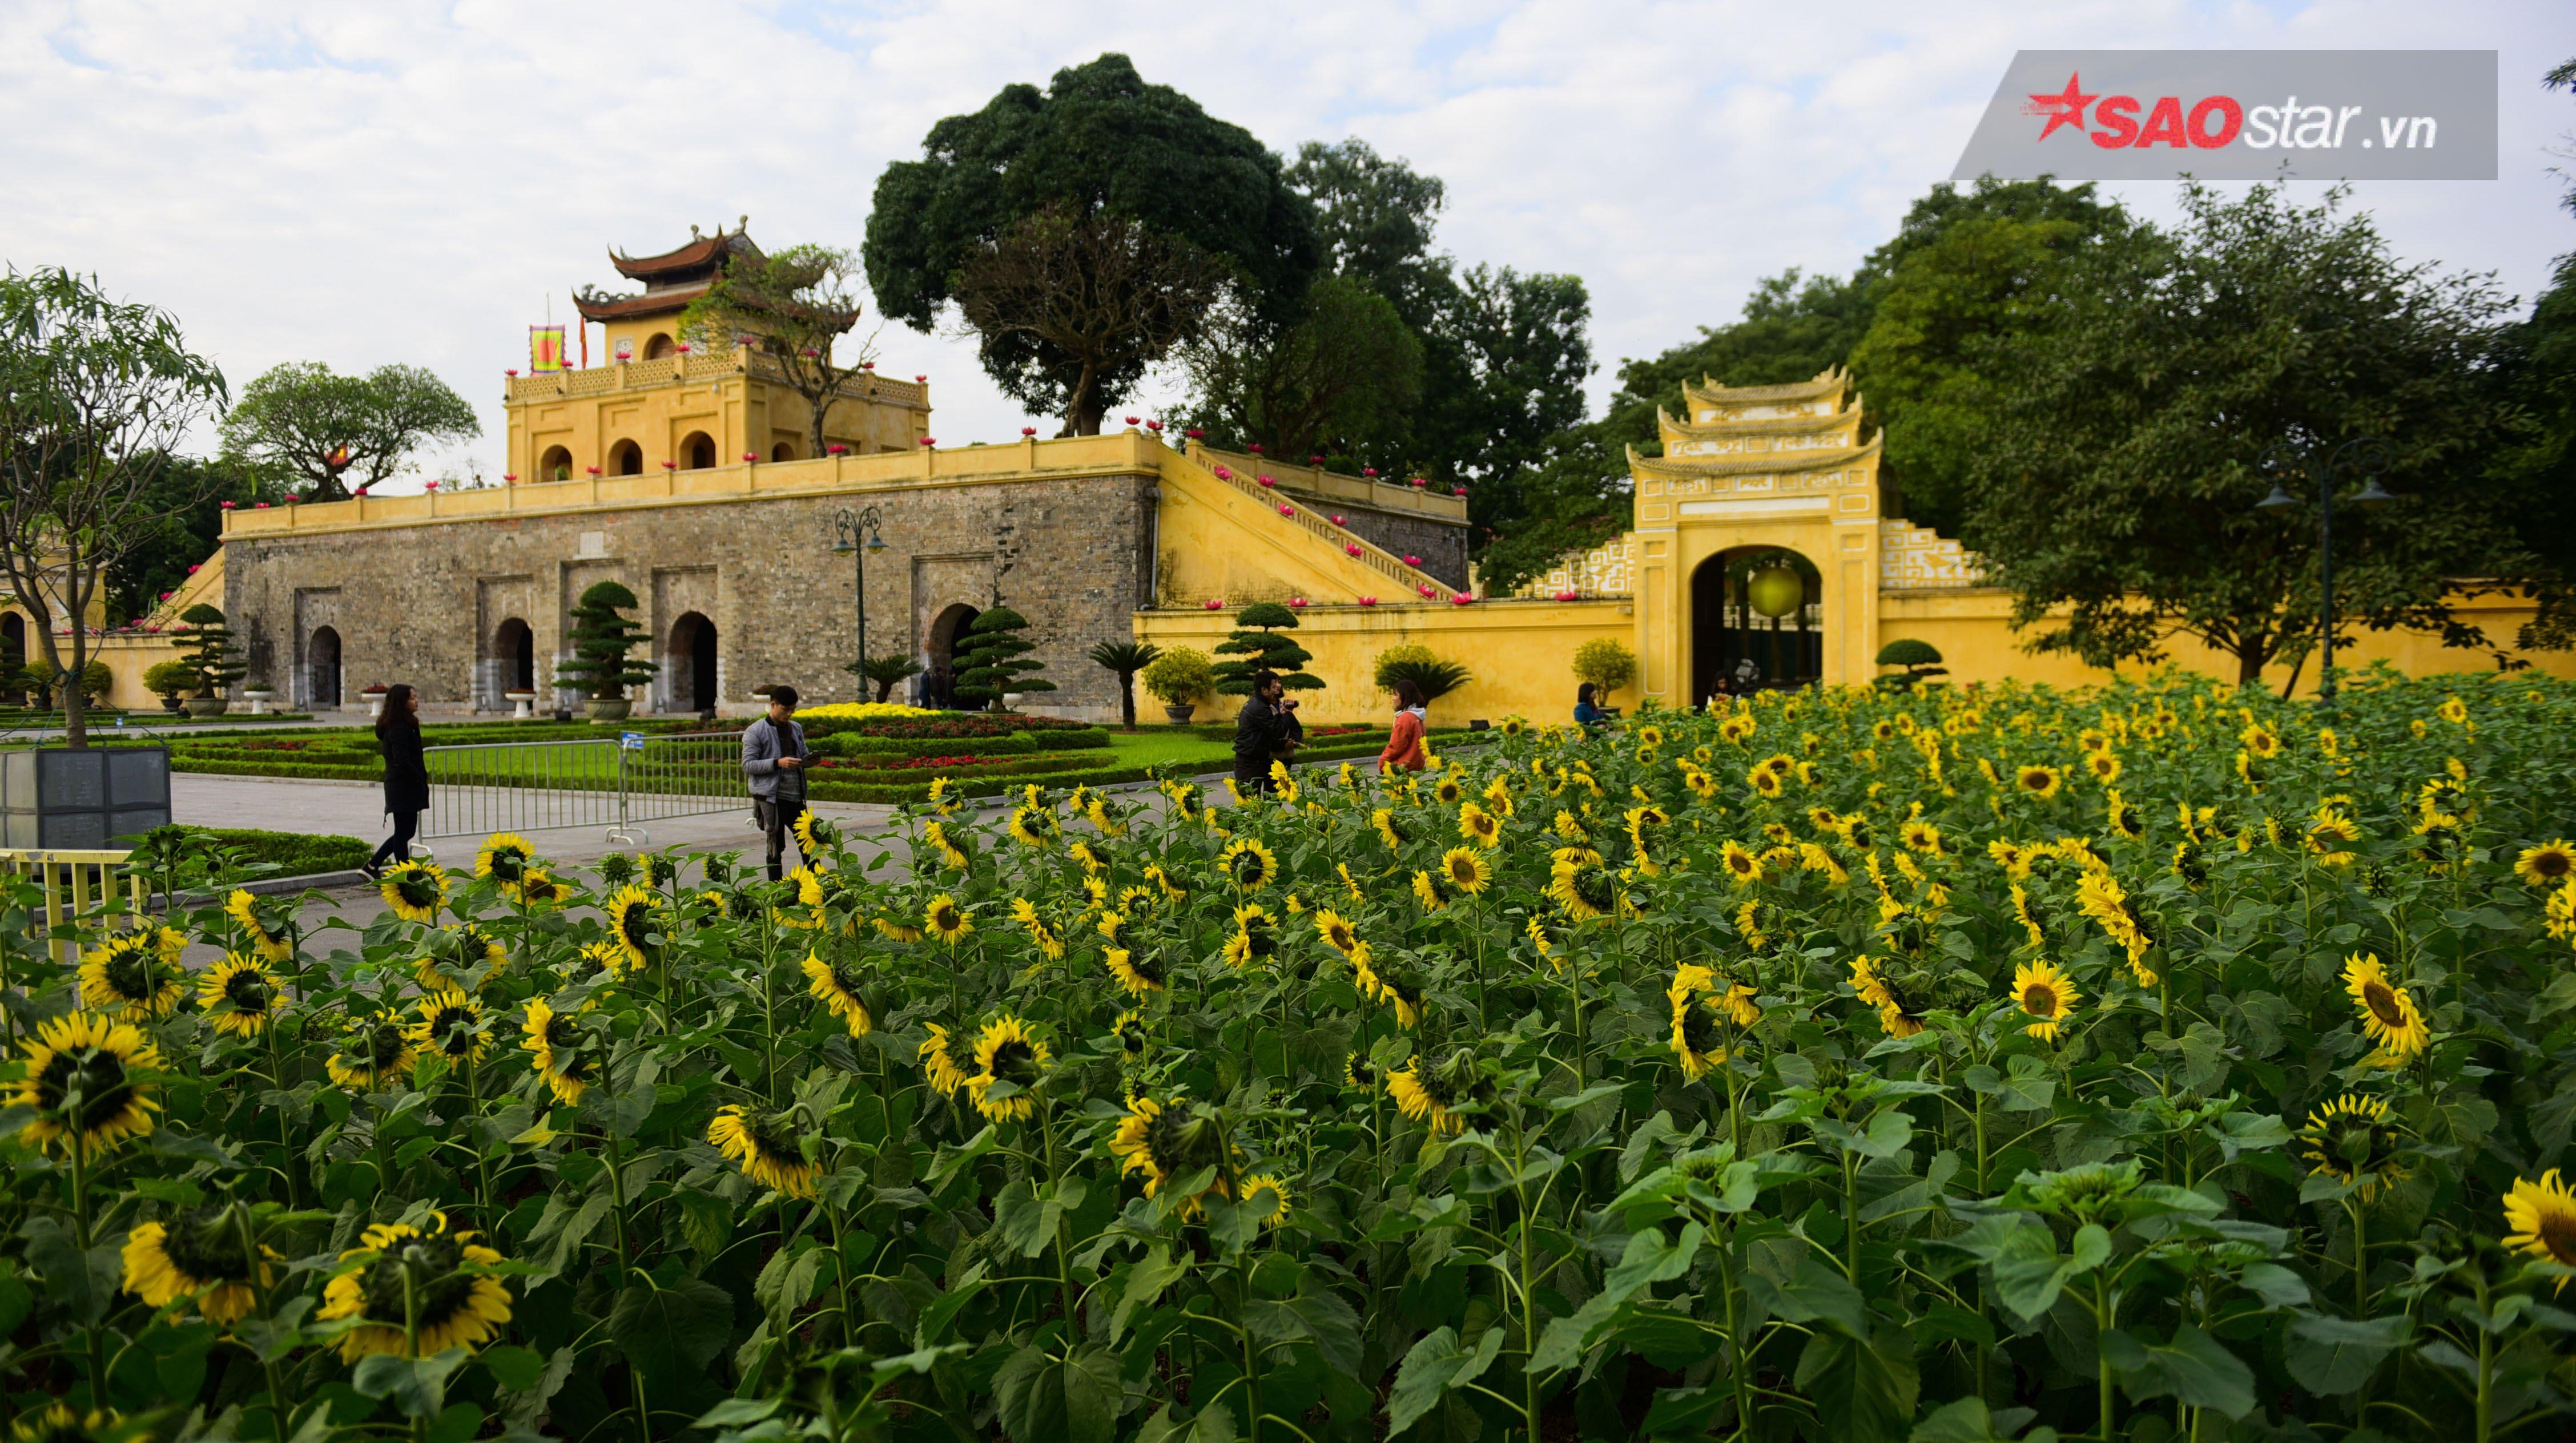 Các luống hoa nằm ngay trong khuôn viên của quảng trường dẫn đến Đoan Môn.